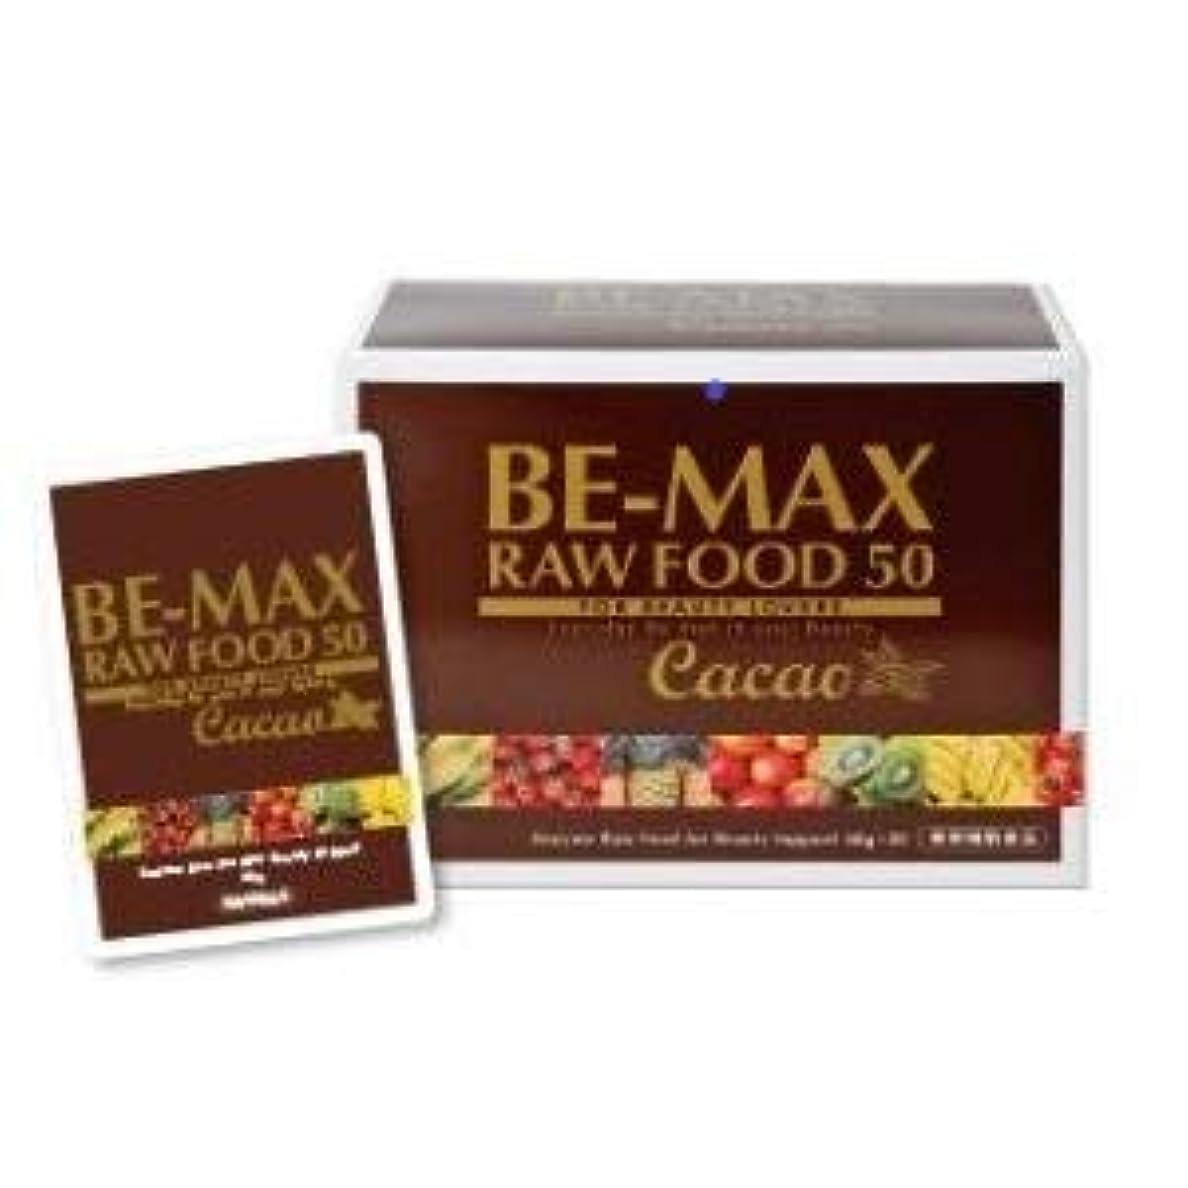 小人震えマナーBE-MAX RAW FOOD 50 Cacao ローフード 50 カカオ